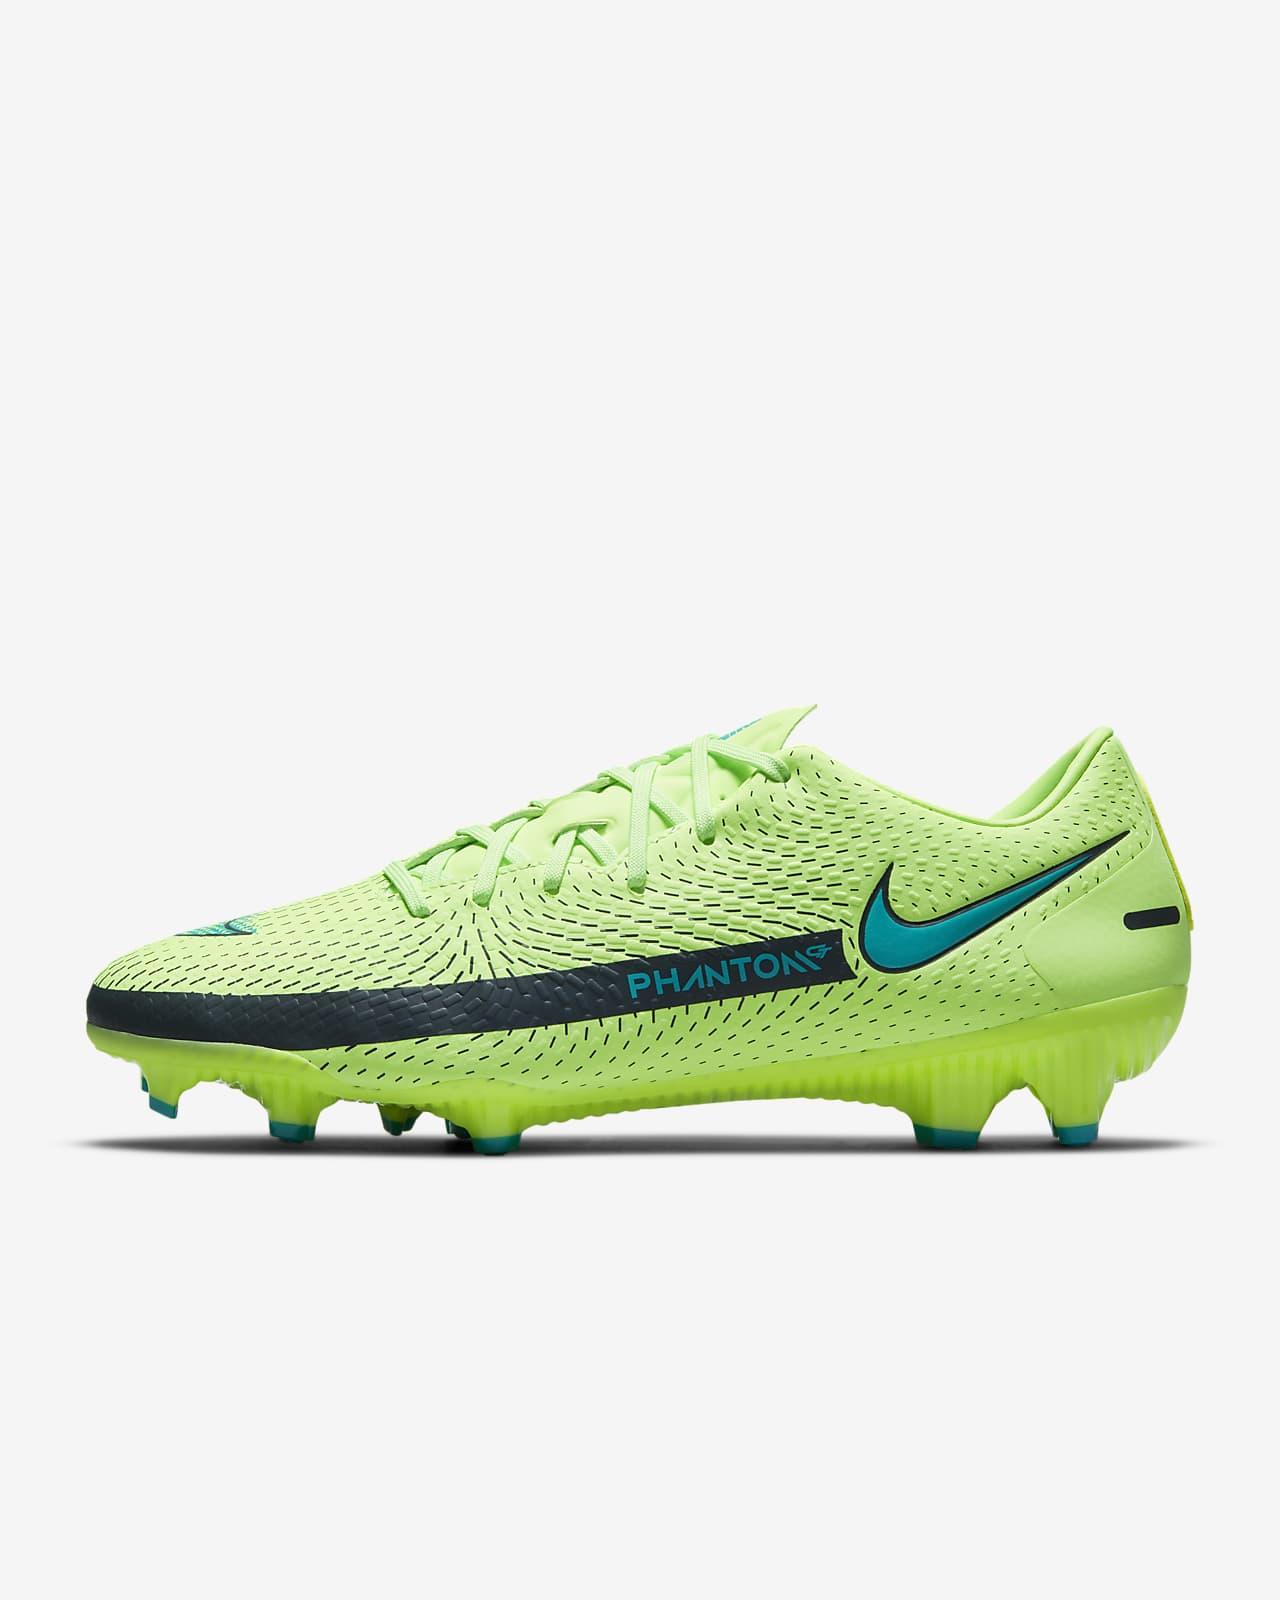 Ποδοσφαιρικό παπούτσι για διαφορετικές επιφάνειες Nike Phantom GT Academy MG